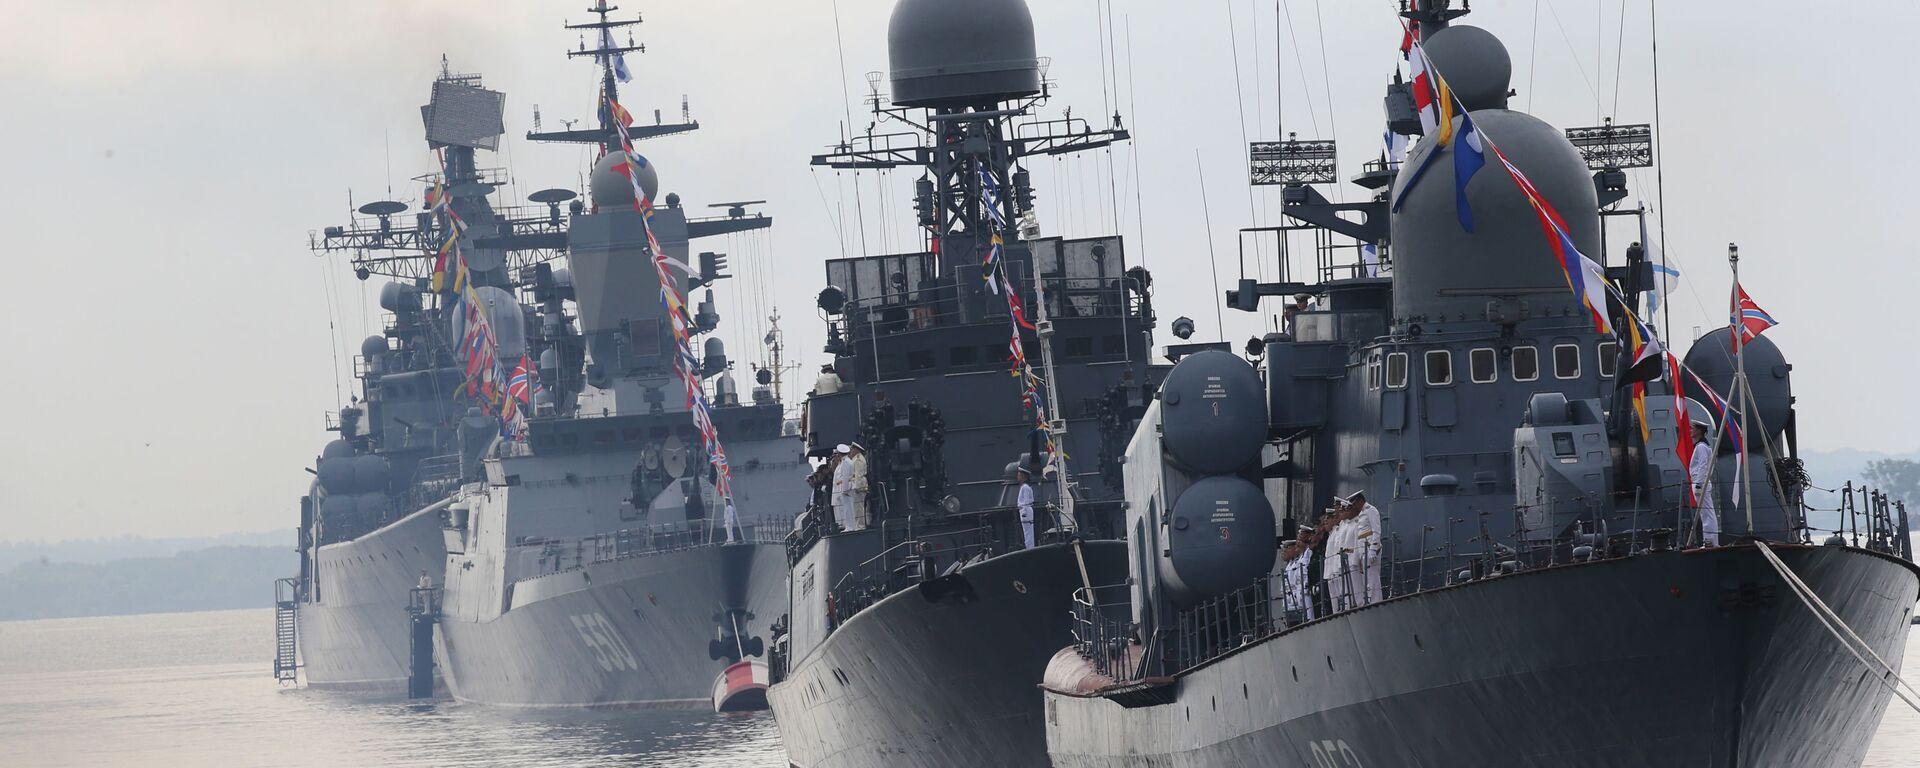 Okręty Floty Bałtyckiej w szyku paradnym podczas próby generalnej parady morskiej z okazji Dnia Marynarki Wojennej Rosji. Na pierwszym planie kuter rakietowy R-129 Kuźnieck - Sputnik Polska, 1920, 13.09.2021